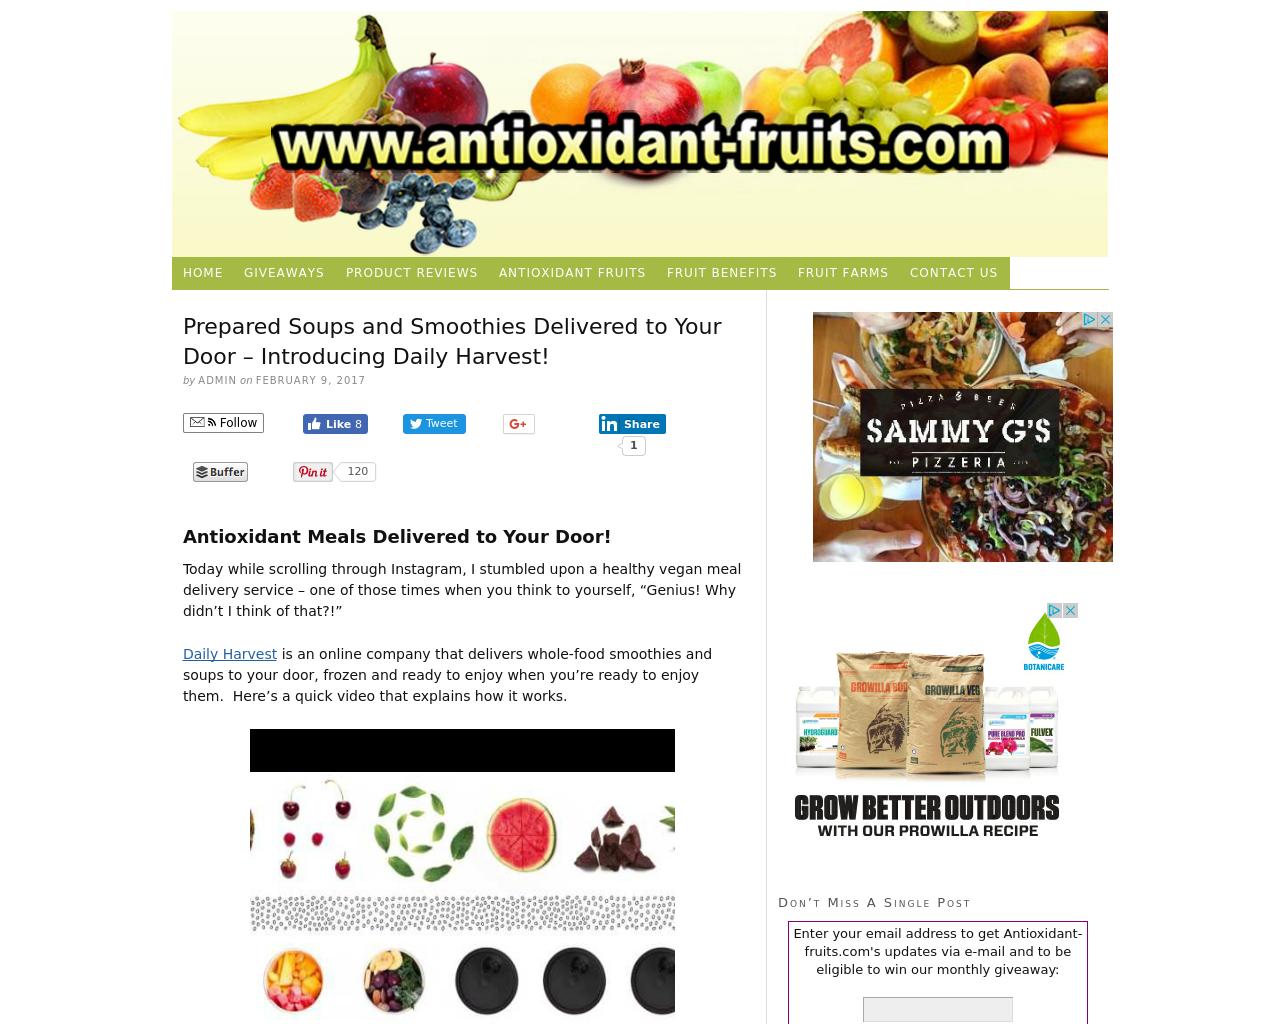 antioxidant-fruits.com-Advertising-Reviews-Pricing